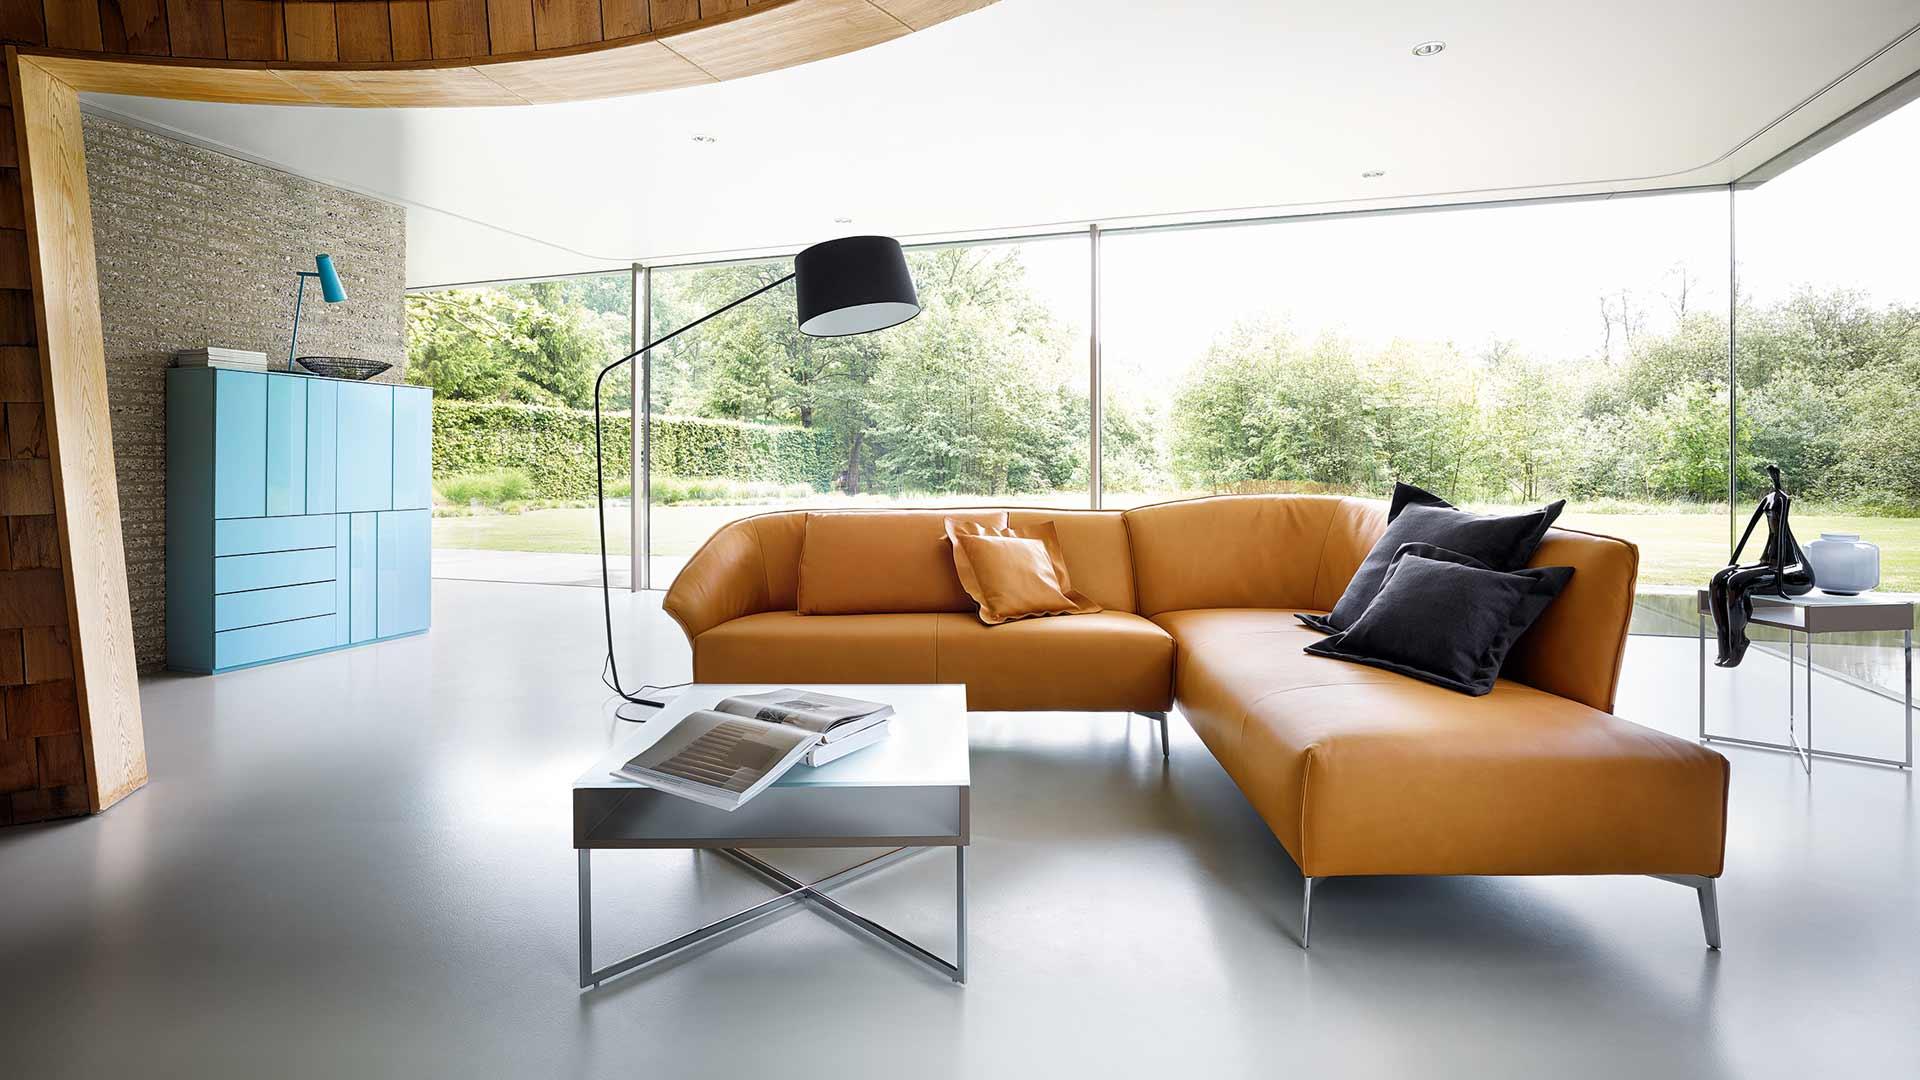 contur 8700 von contur einrichtungen in passau m bel schuster. Black Bedroom Furniture Sets. Home Design Ideas